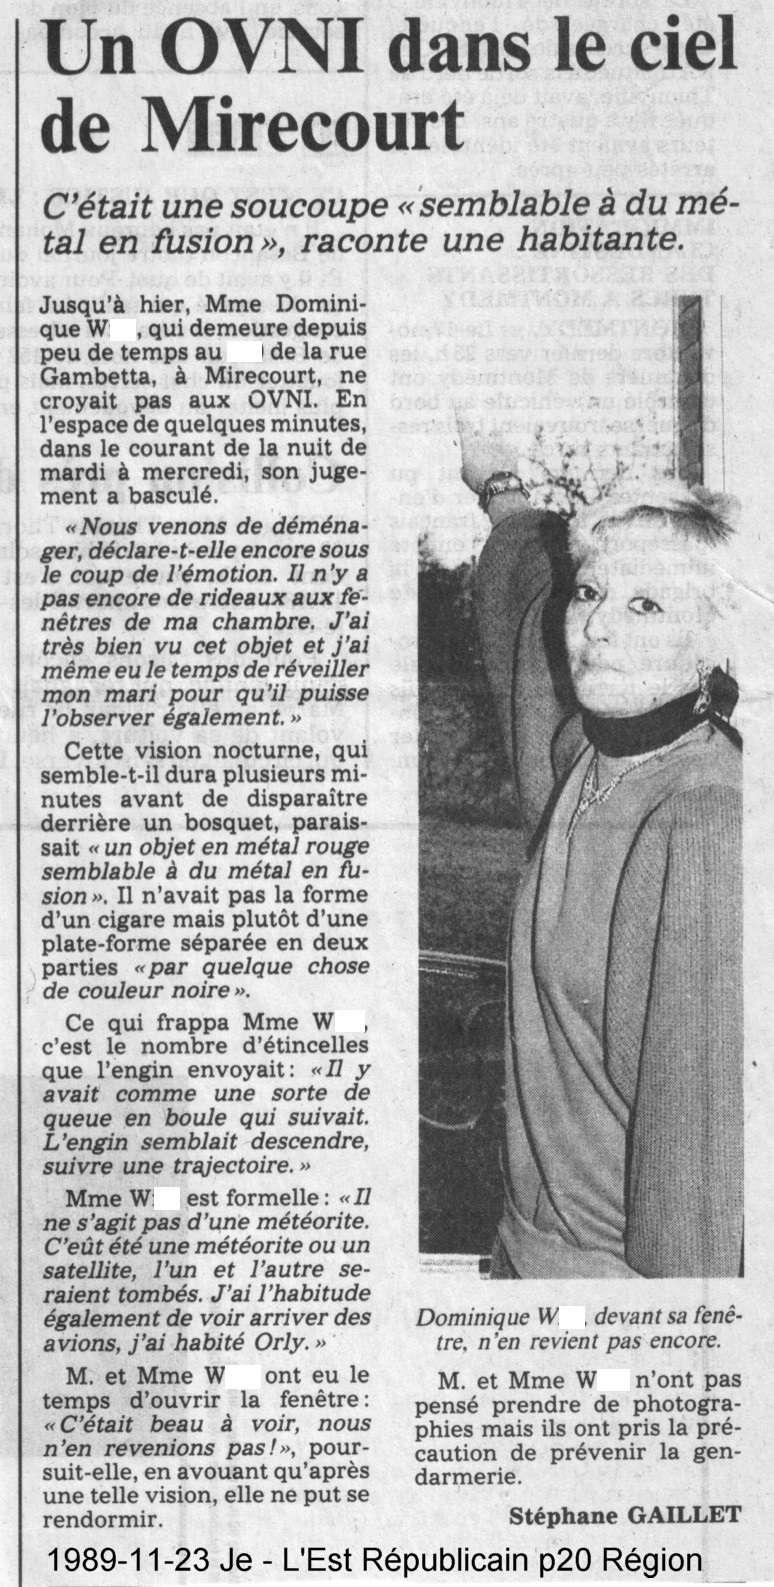 Les PAN D du Geipan - Page 16 Mireco15